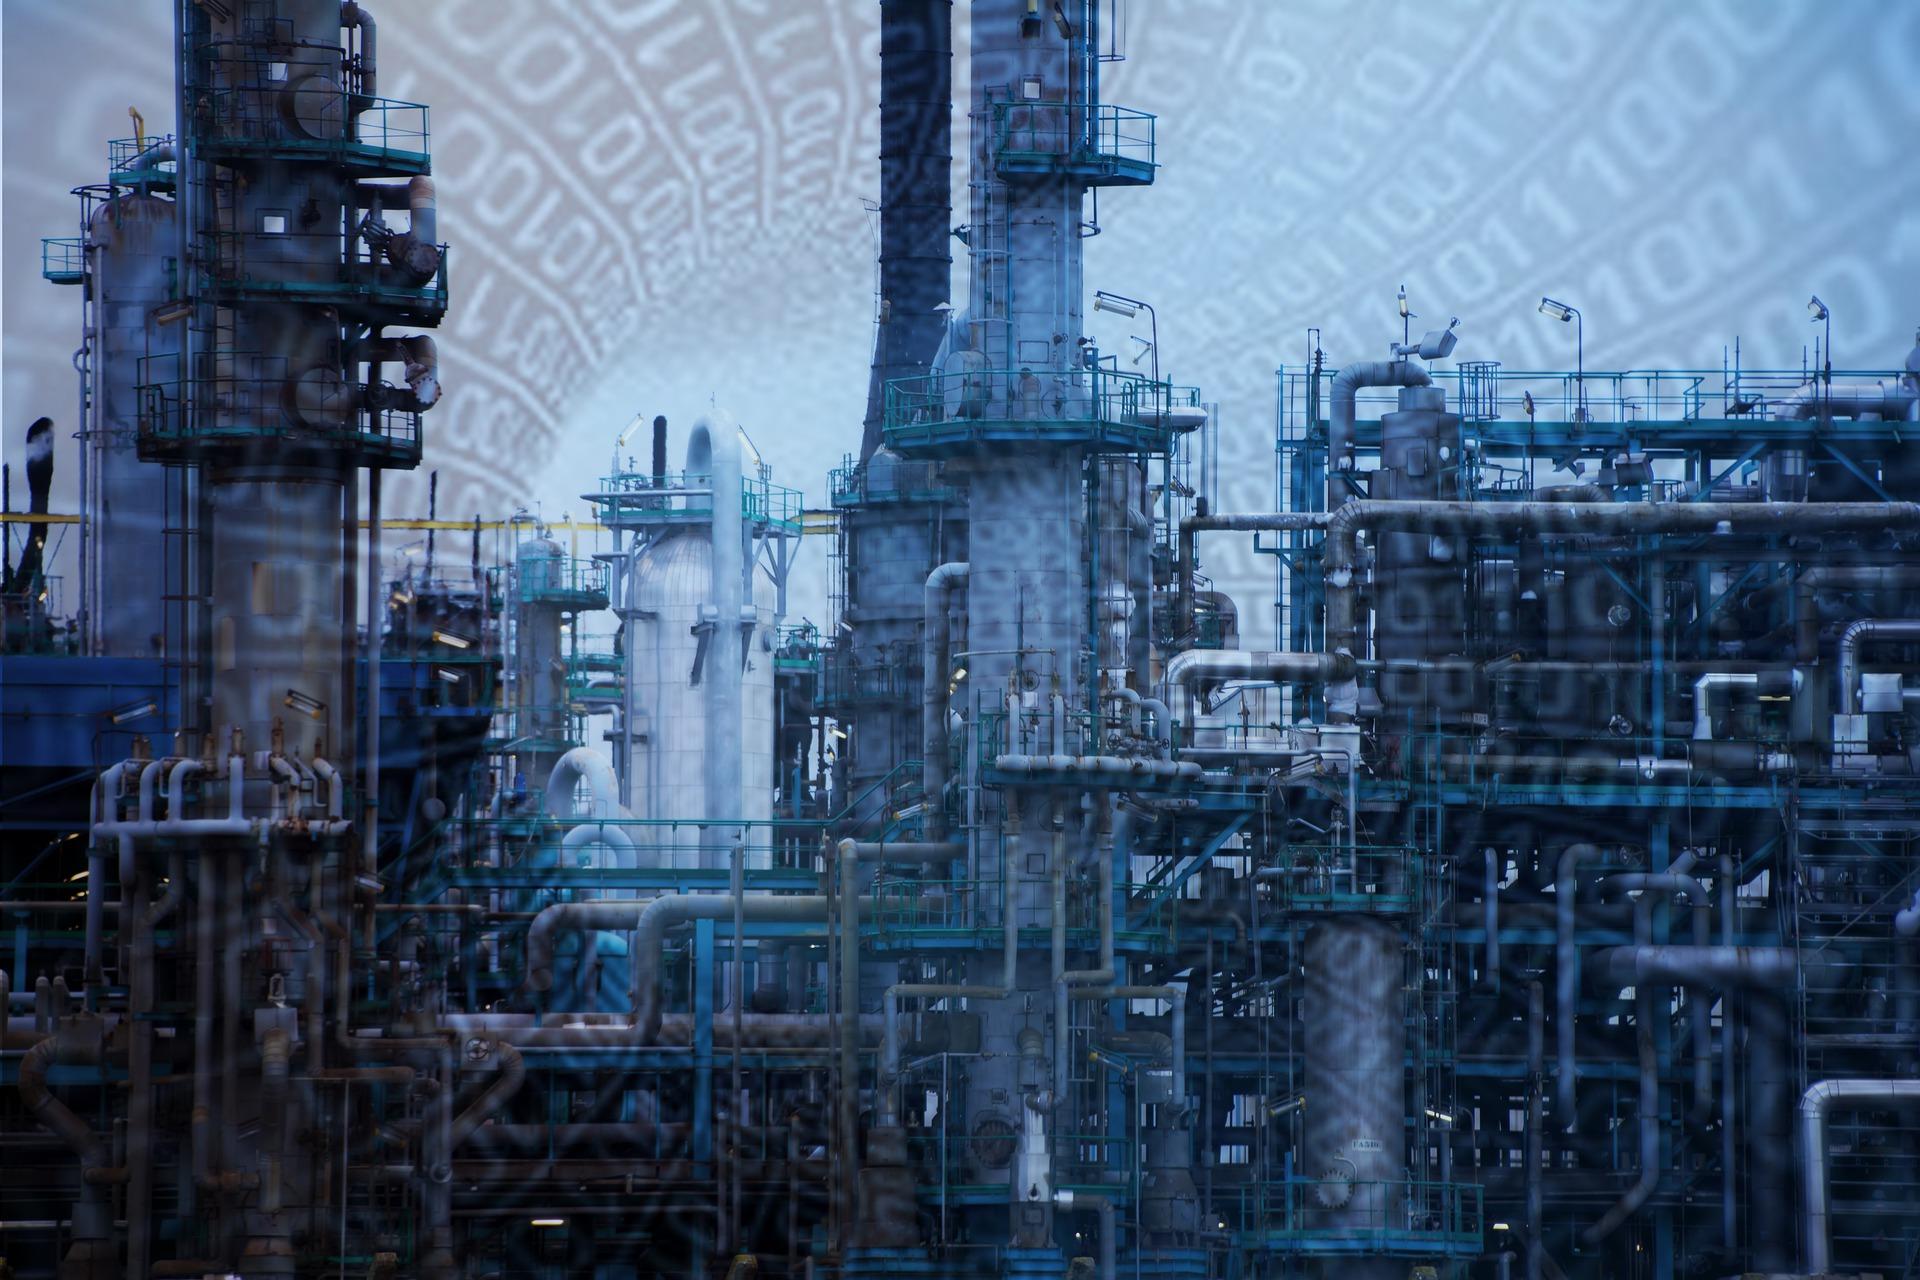 Макроэкономический обзор: Возобновление сделки ОПЕК+. Влияние экономического кризиса на химический сектор.